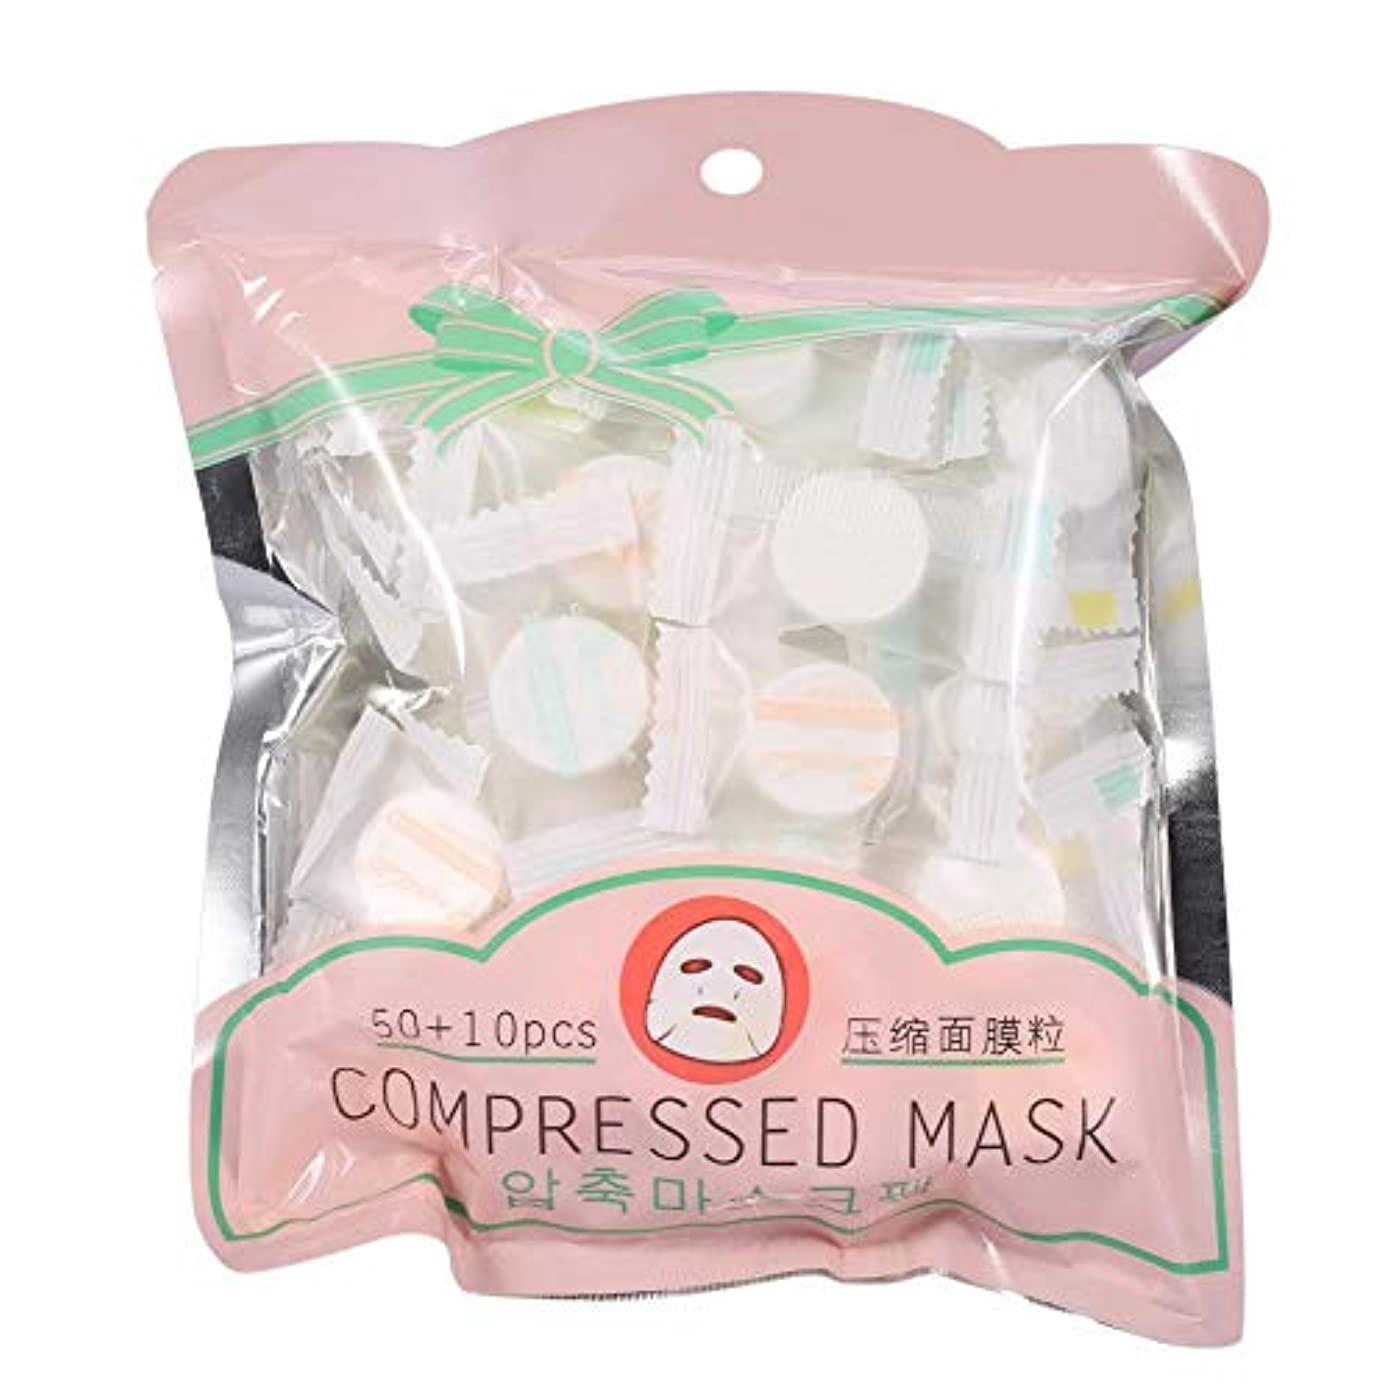 家庭サイクロプスお手伝いさん圧縮マスク、60/30/15ピース屋外旅行圧縮綿使い捨てマスクタブレット布ワイプ紙ティッシュフェイスケアdiyフェイシャルペーパーマスク(60個)